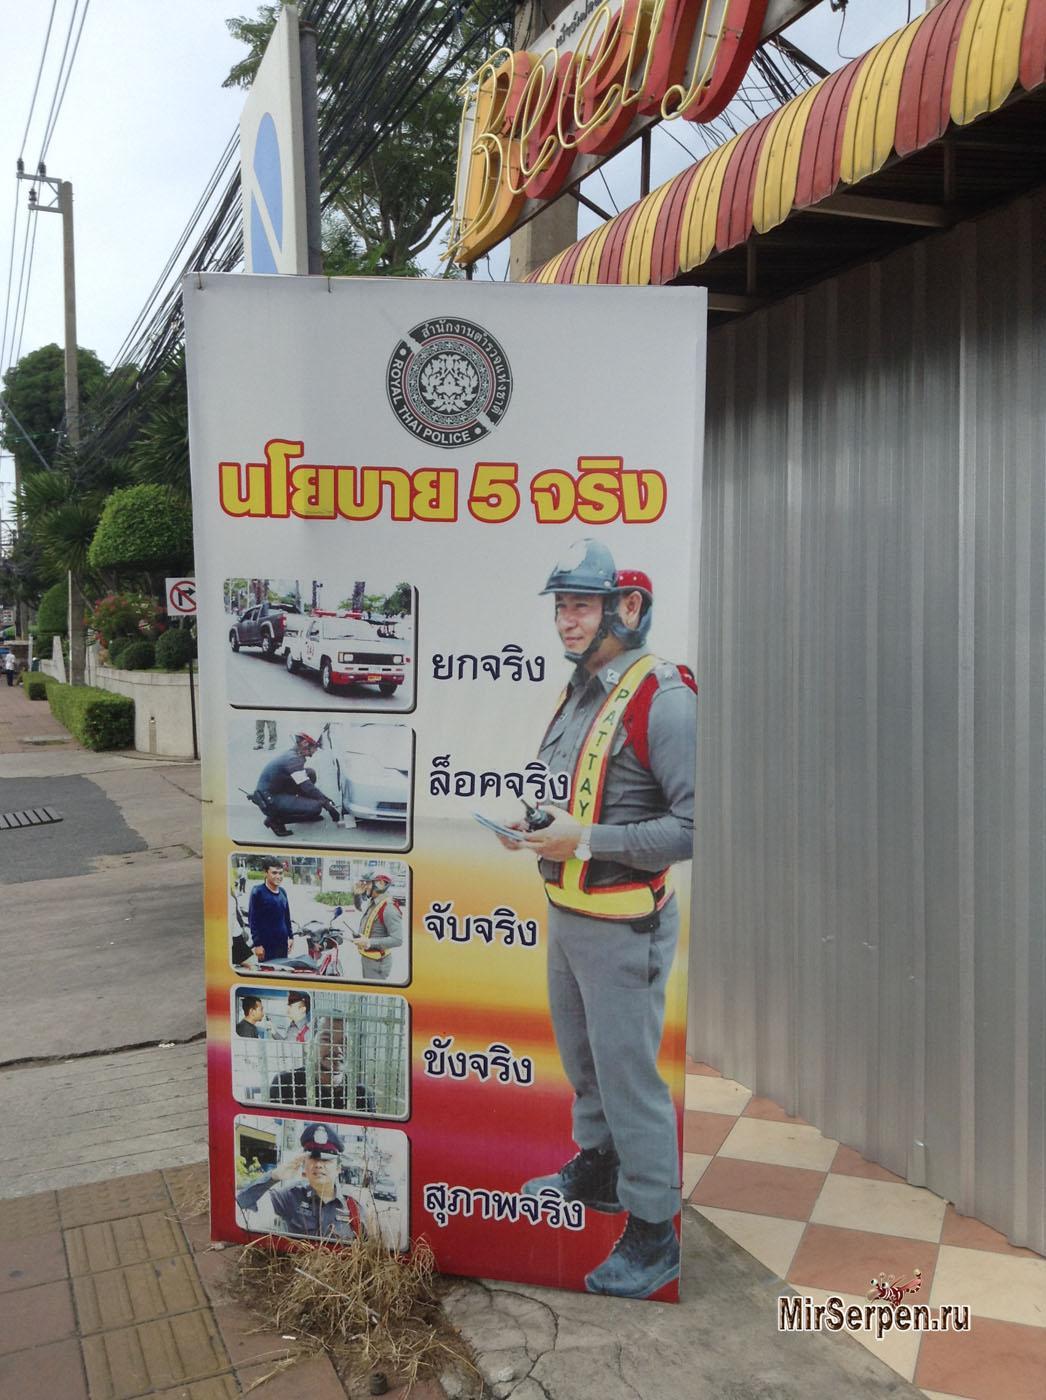 Уровень преступности в Паттайе, Таиланд